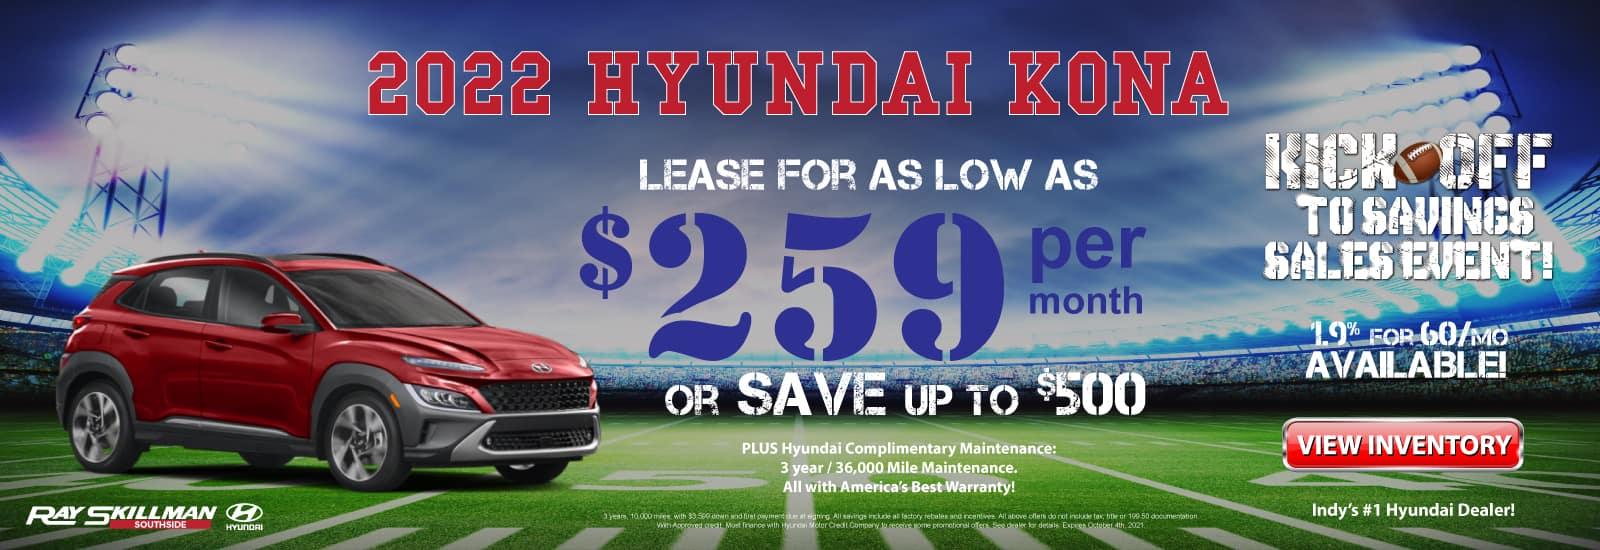 2022-Hyundai-Kona-Web-Banner-1600×550.jpg-Sept